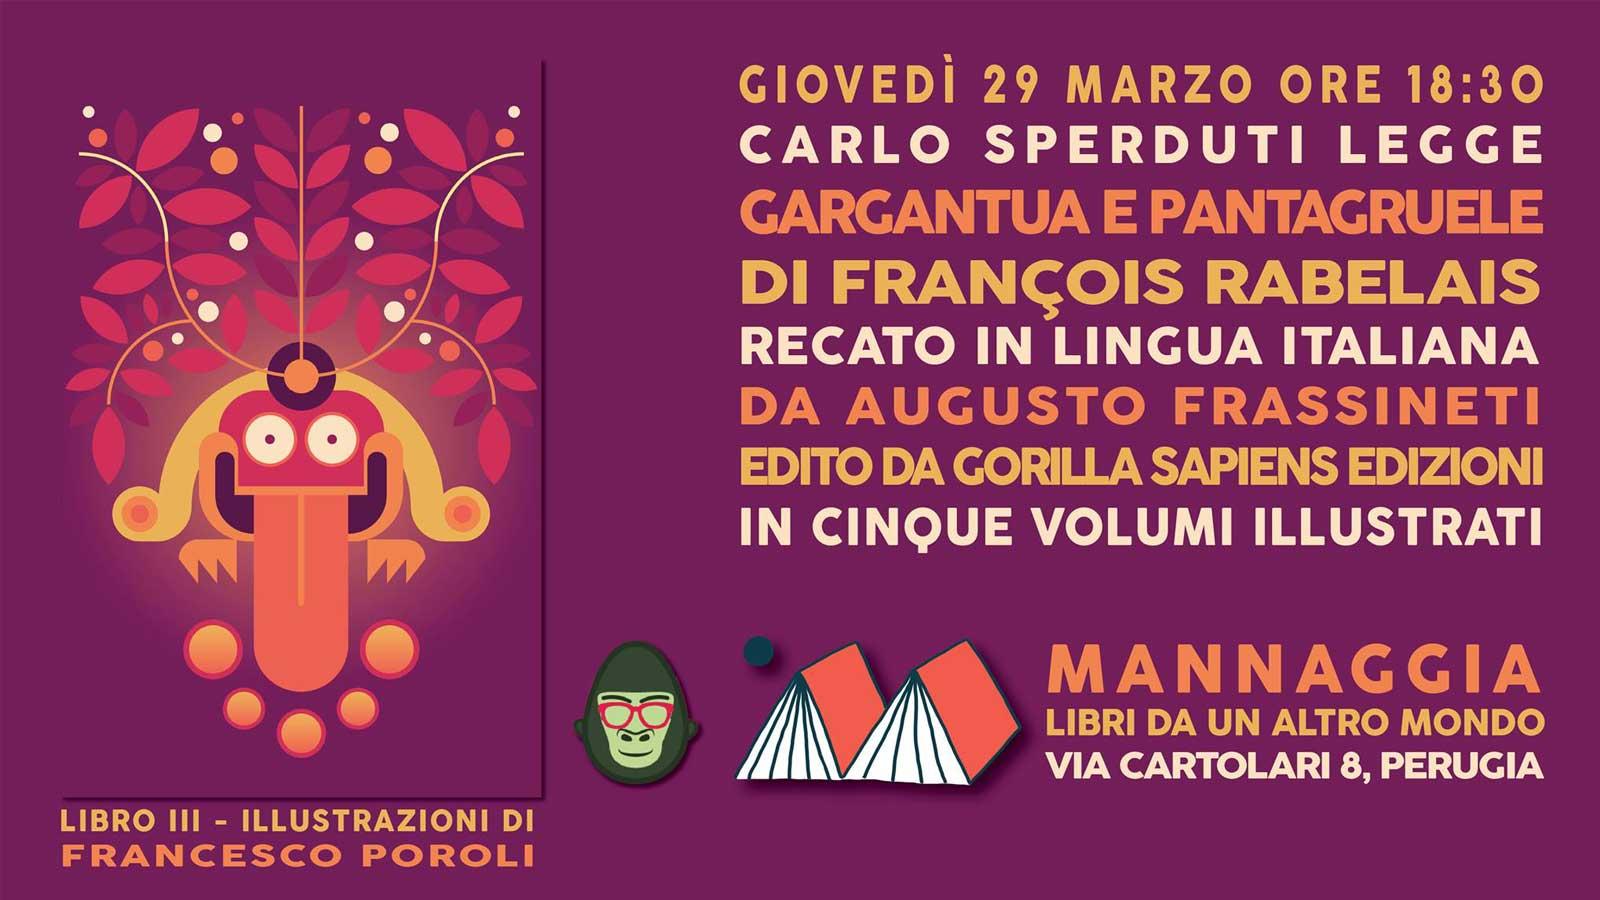 """Carlo Sperduti legge """"Gargantua e Pantagruele"""" - Libro III"""